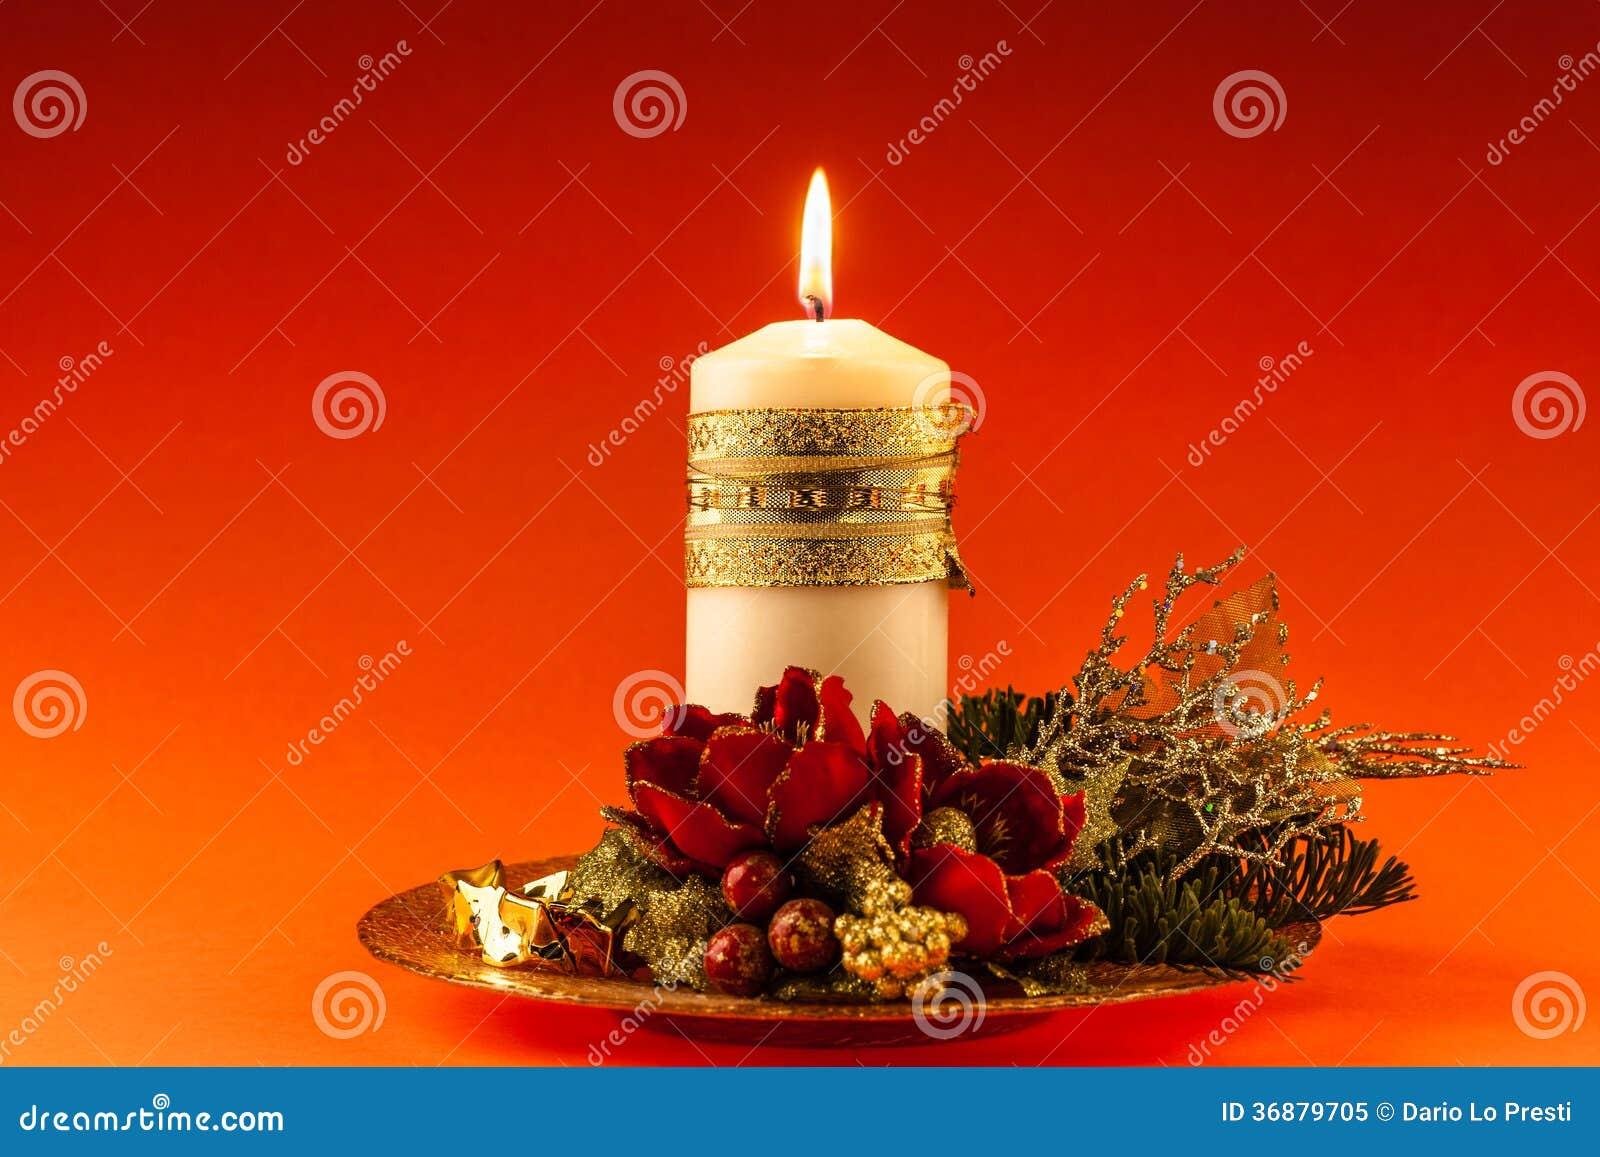 Download Candela di Natale immagine stock. Immagine di ornamentale - 36879705